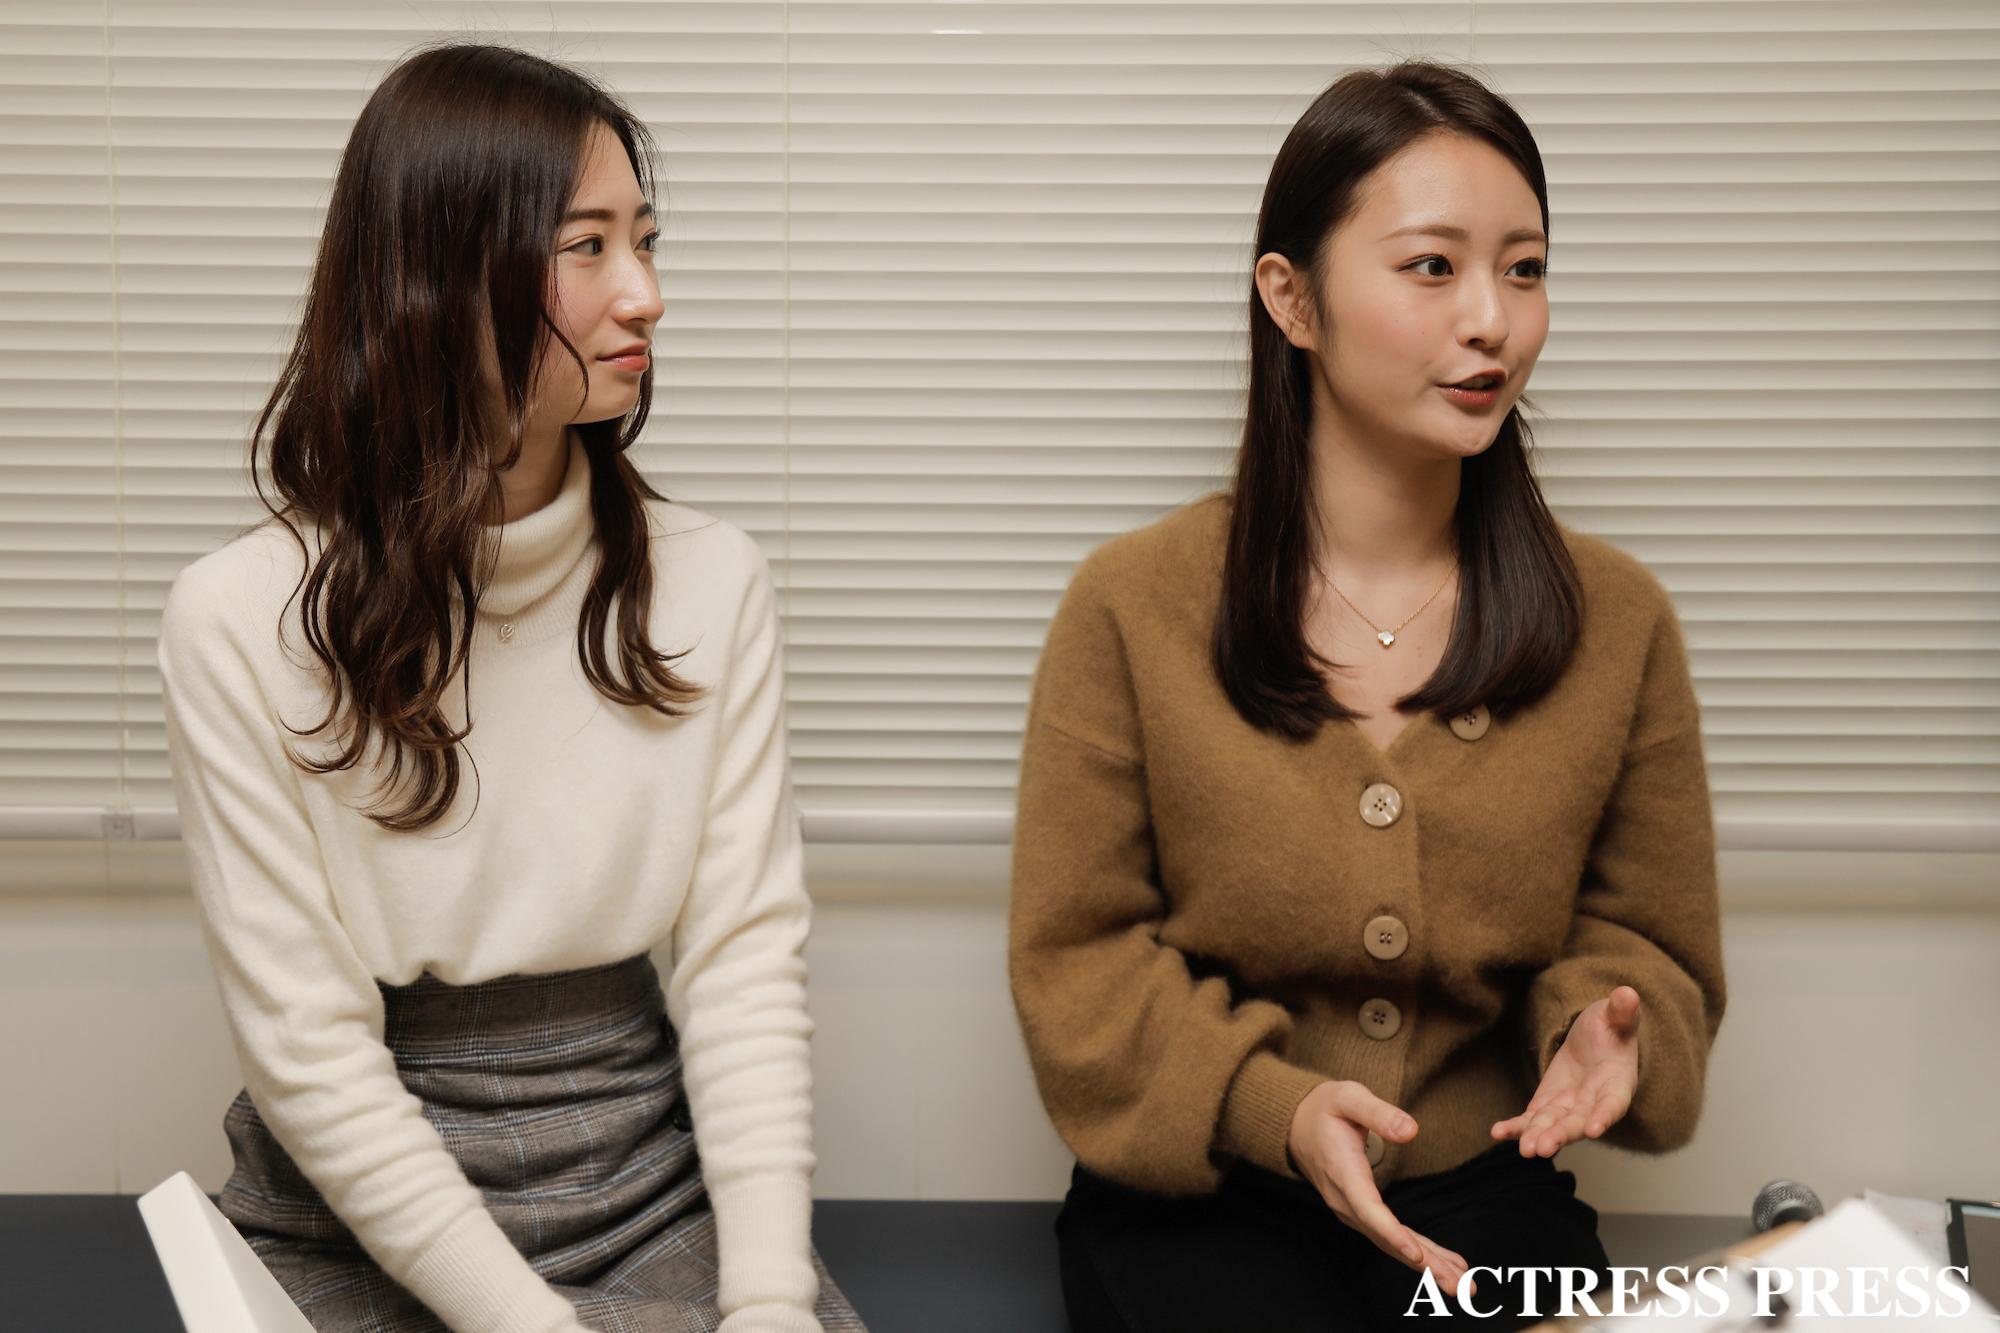 竹内彩花、赤木希/2020年1月16日/撮影:ACTRESS PRESS編集部